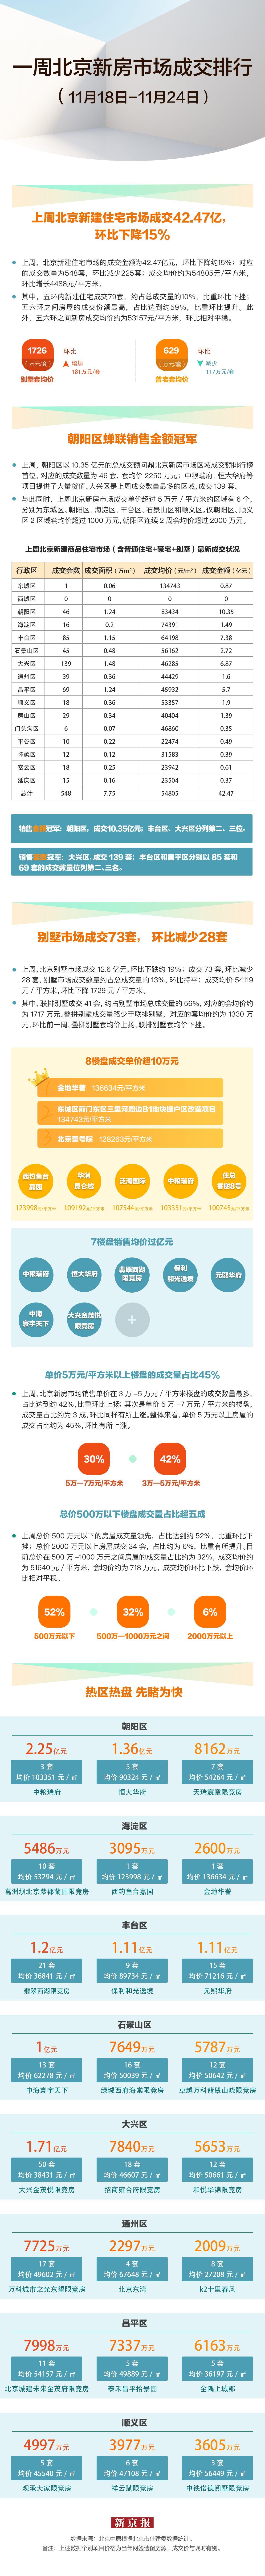 紫金注册-诺德基金郑源:择基需考虑基金经理任职年限